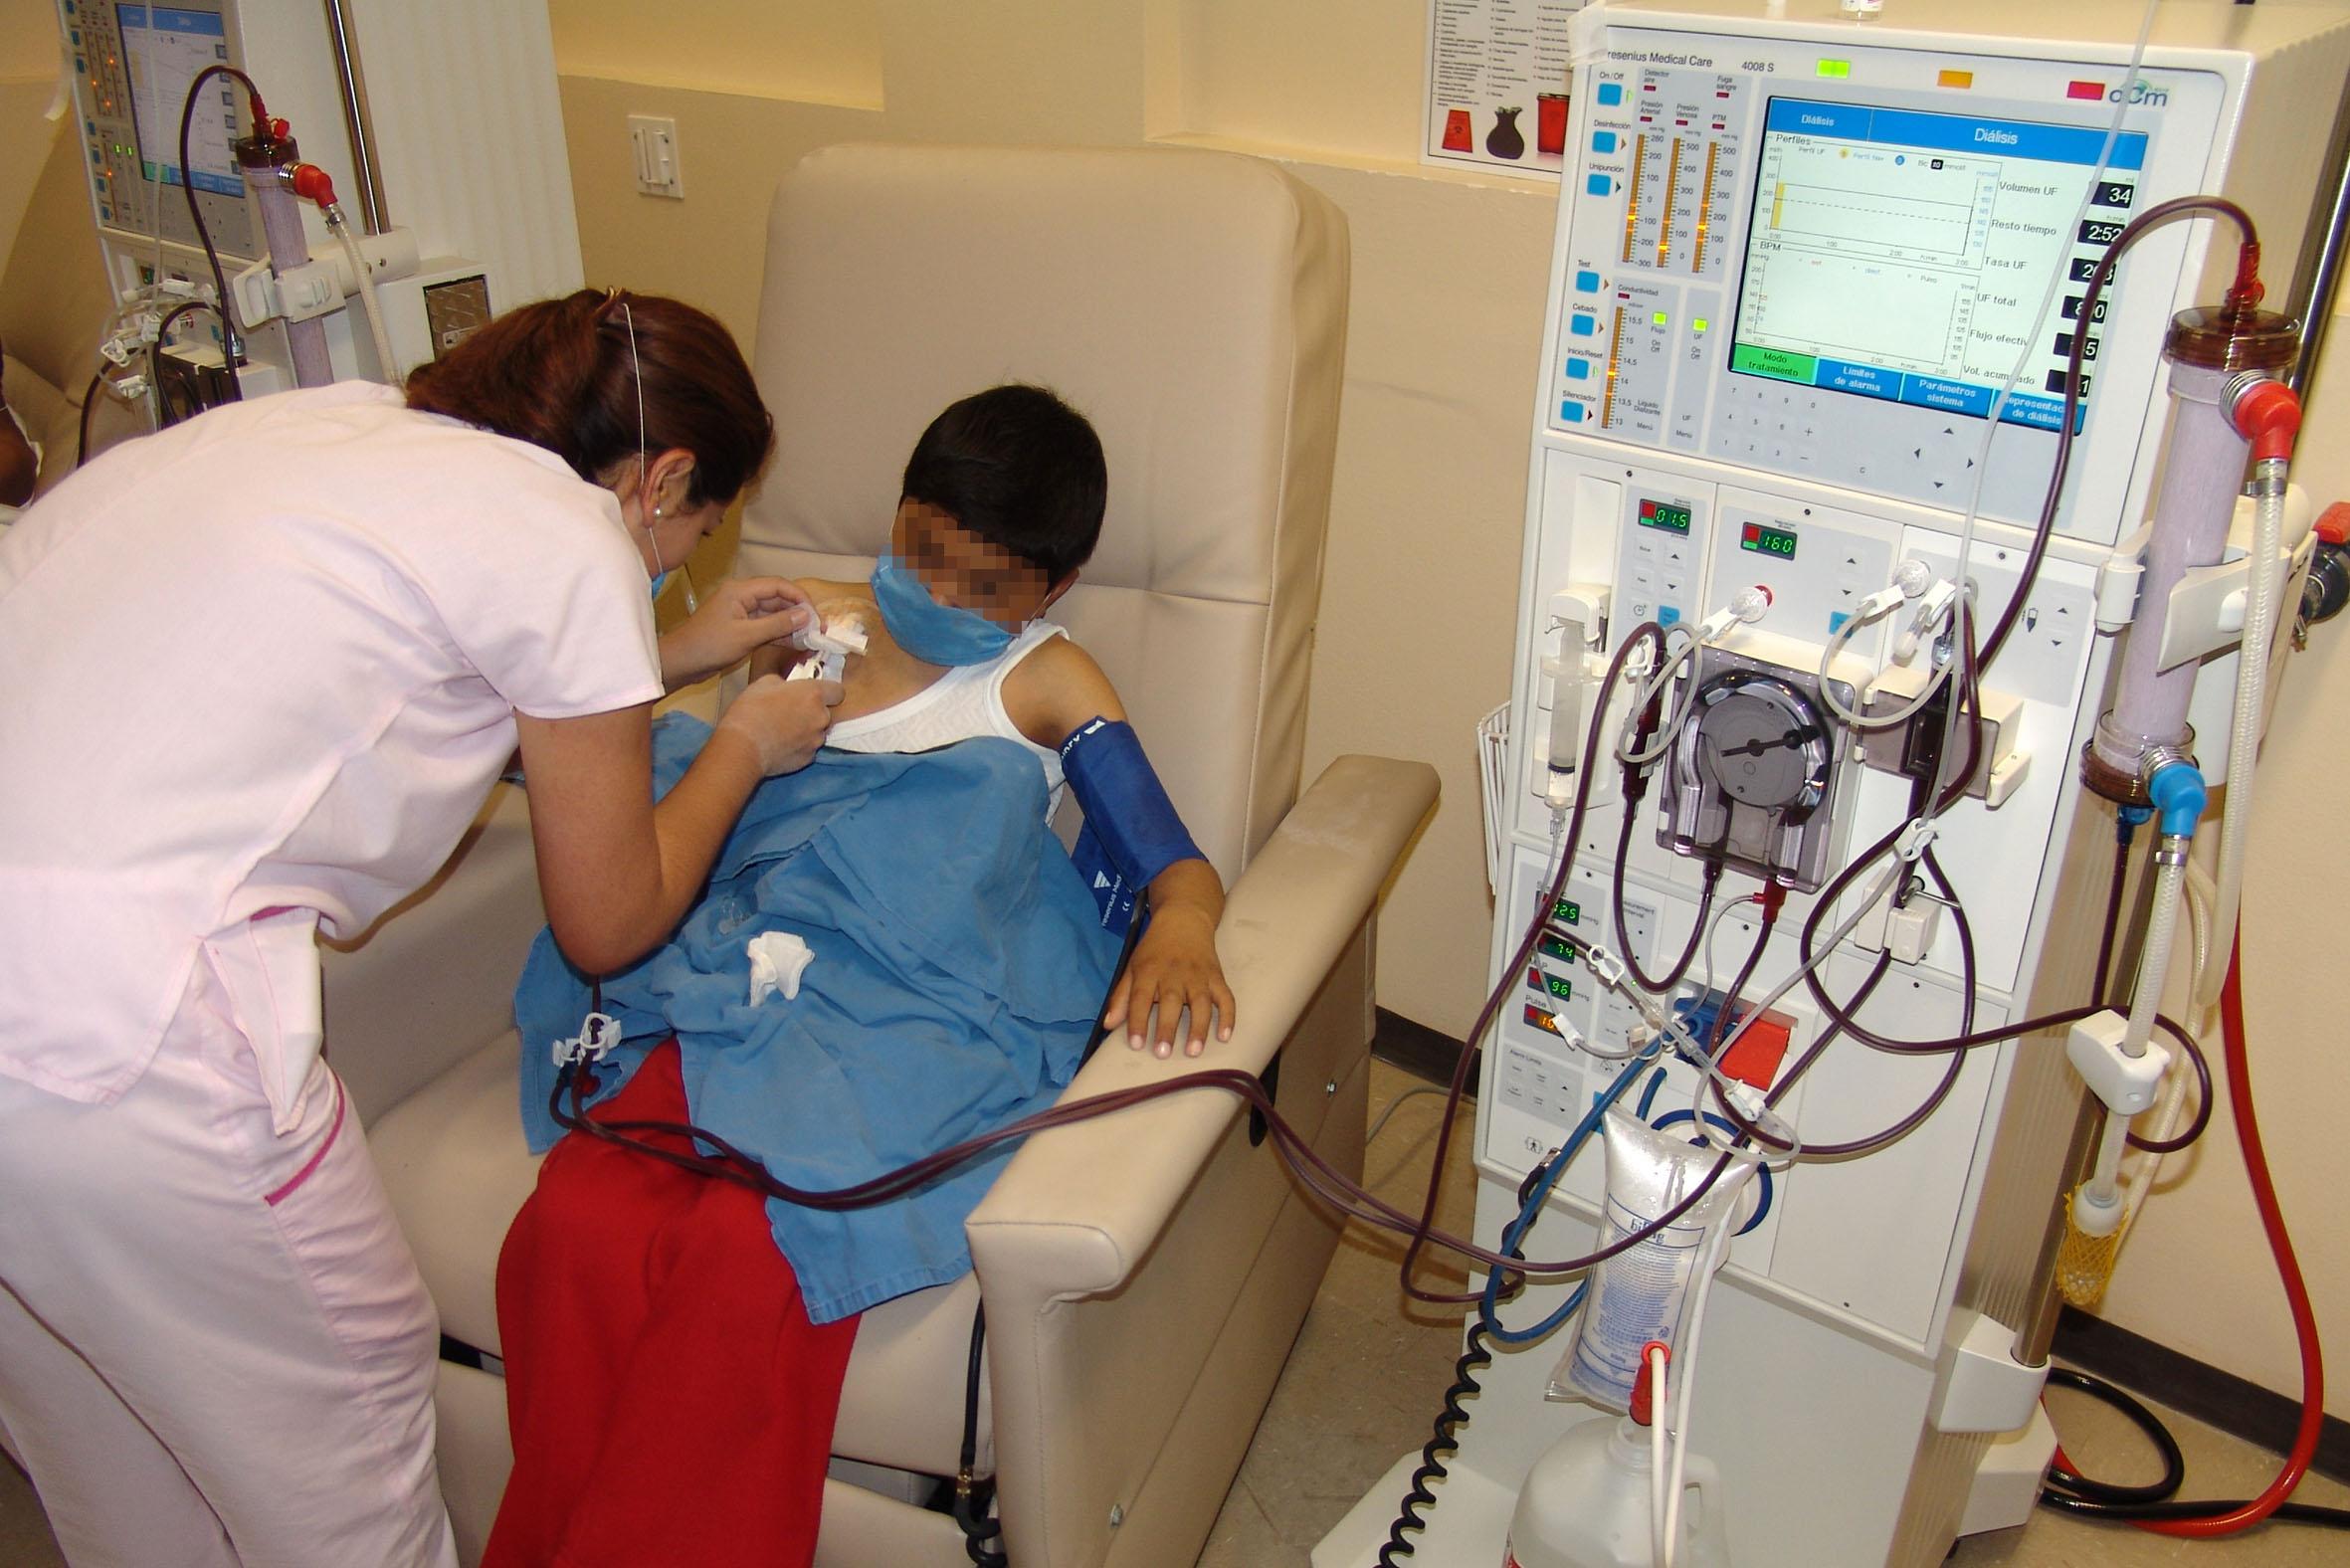 Influencia de la situación clínica en la calidad de vida relacionada con la salud de los pacientes pediátricos con enfermedad renal crónica